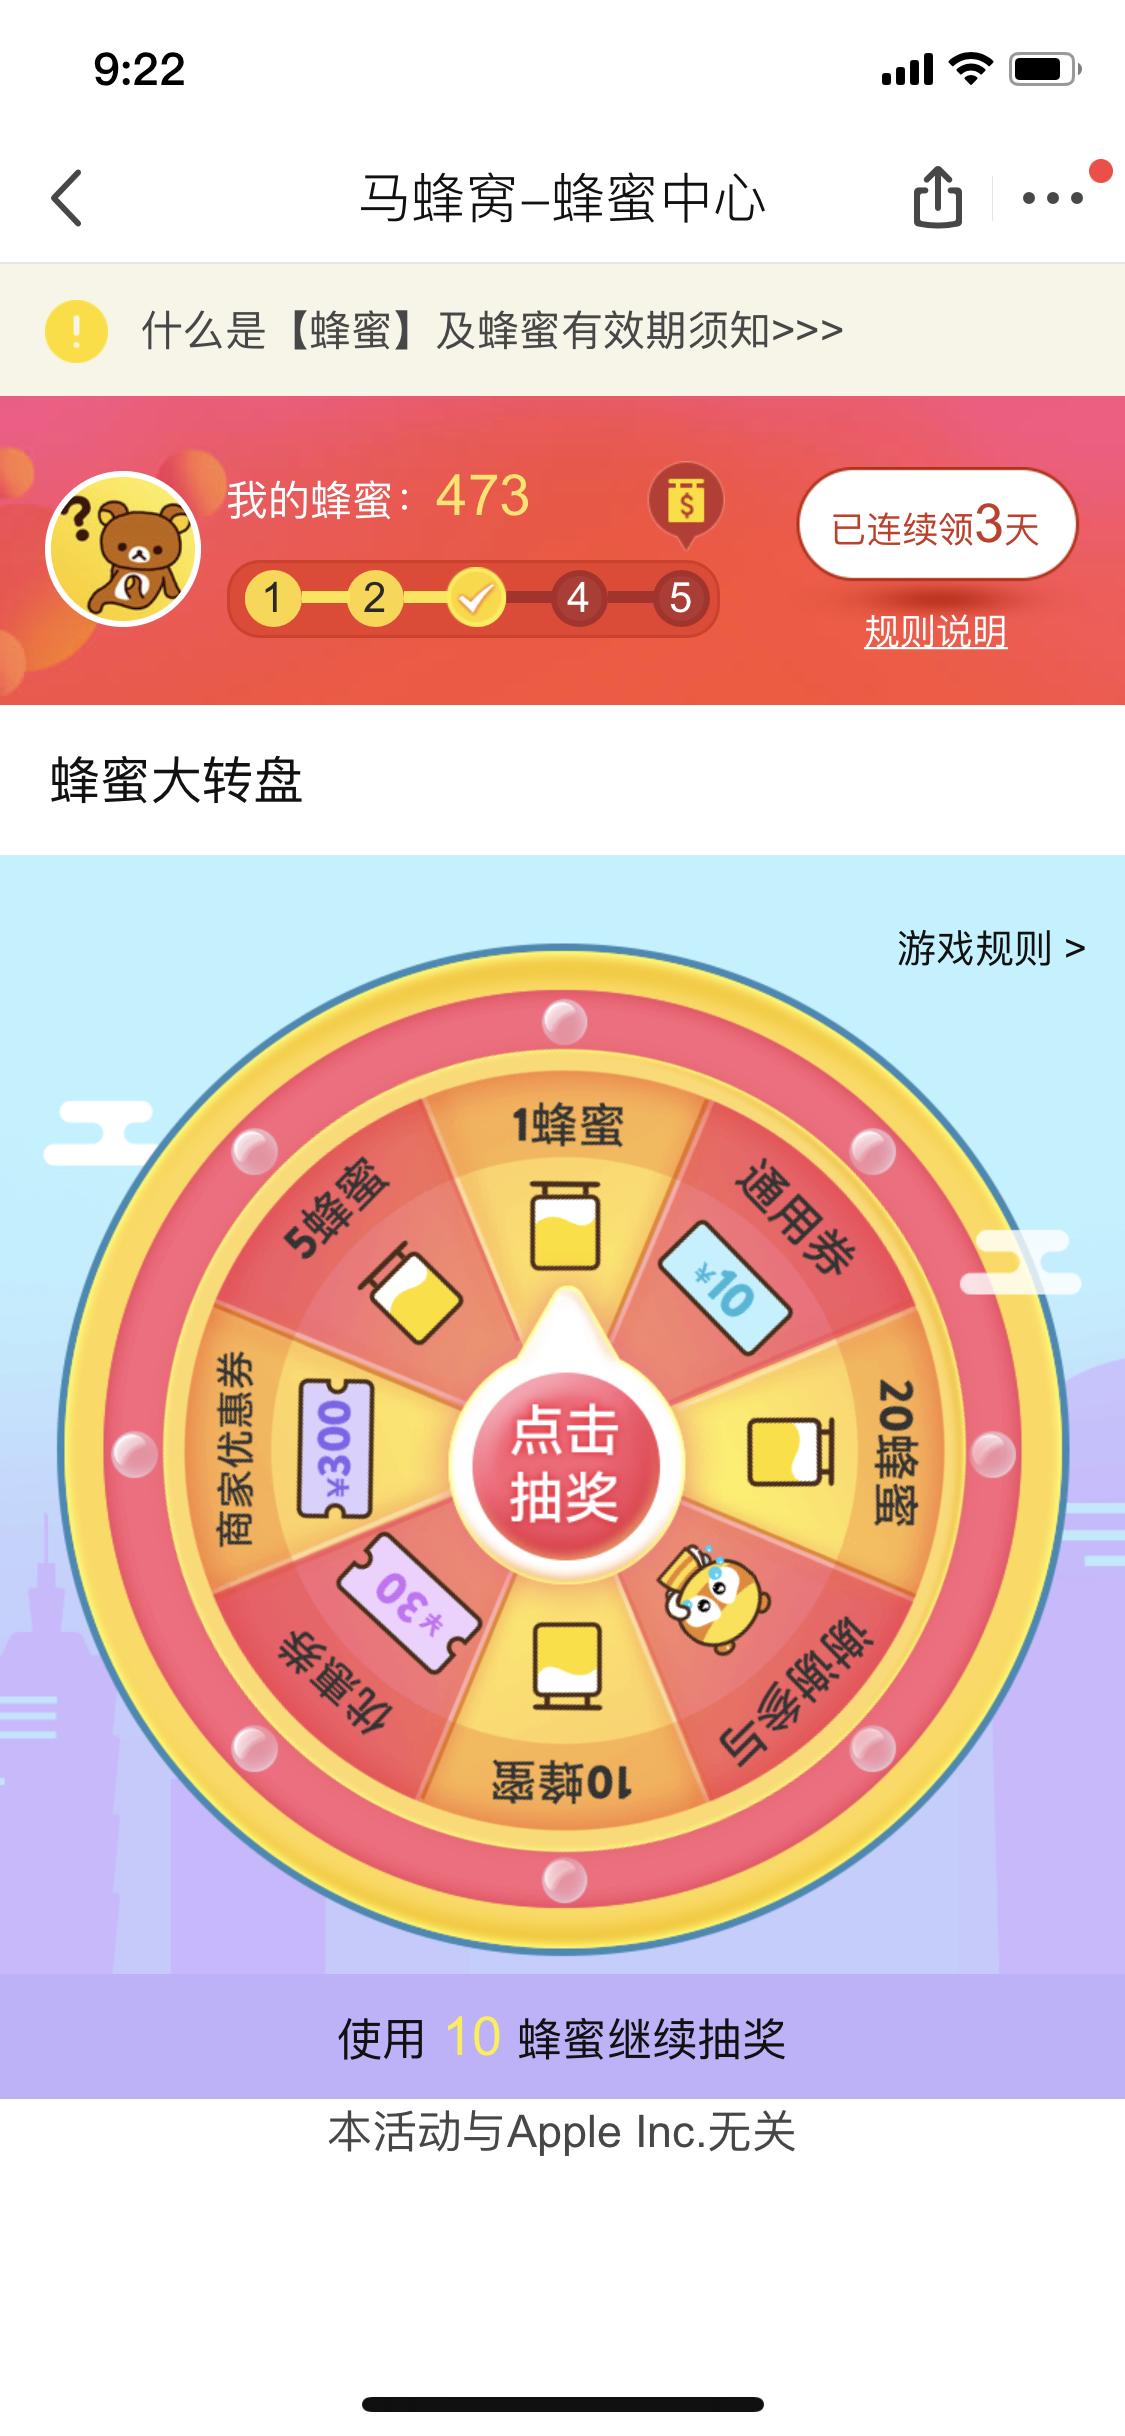 【吾日三省产品】vol.13如何设计适合产品的签到功能,提升用户活跃